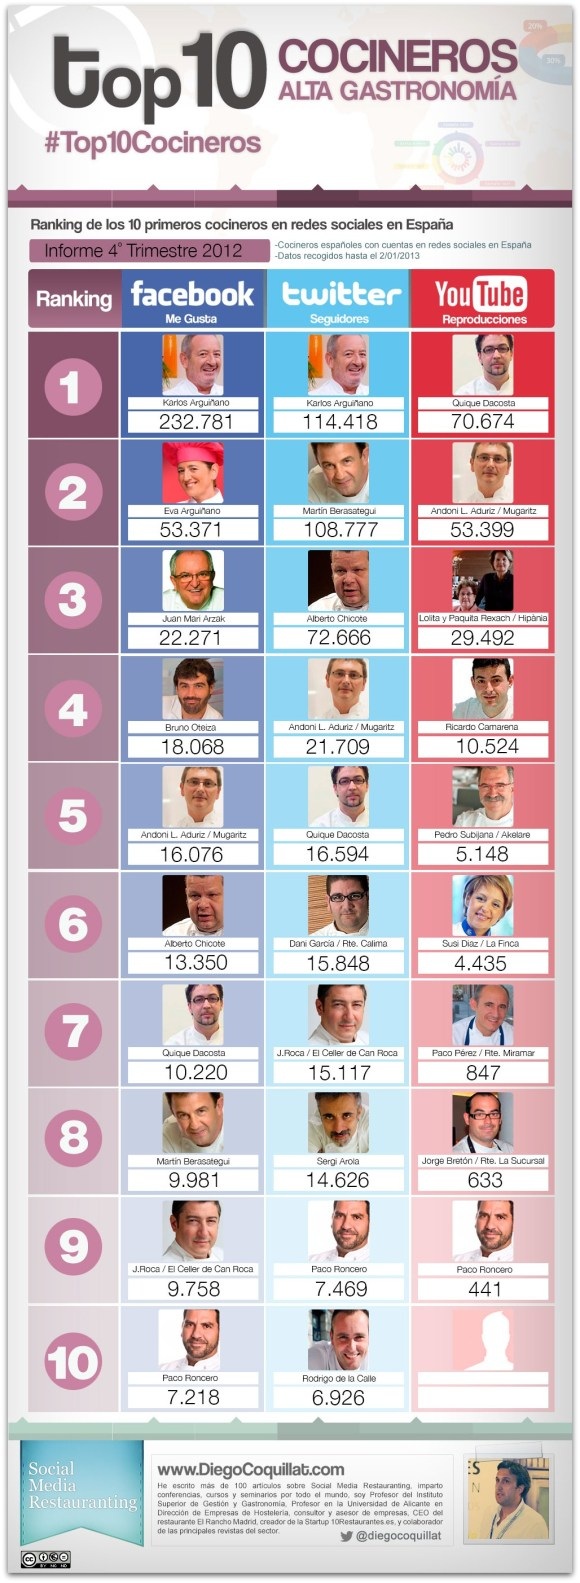 10 meilleurs chefs dans les réseaux sociaux en Espagne 2012